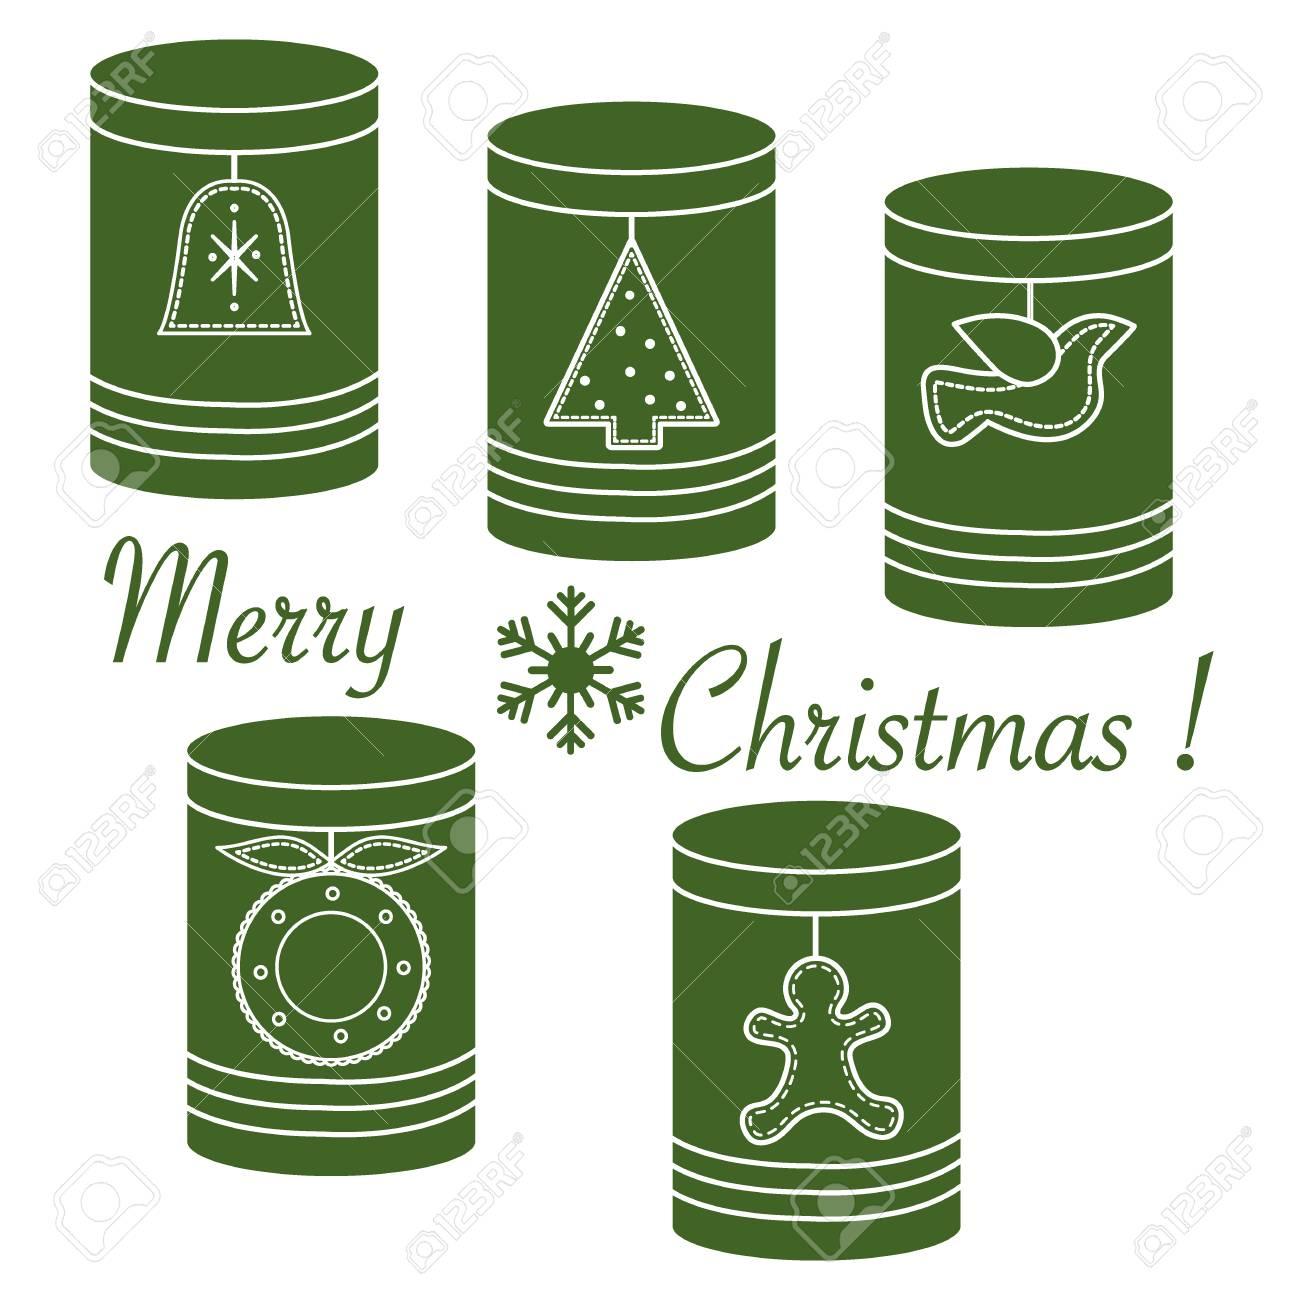 72c257079685 Foto de archivo - Frascos para diferentes productos con etiquetas de  Navidad y Año Nuevo  árbol de Navidad